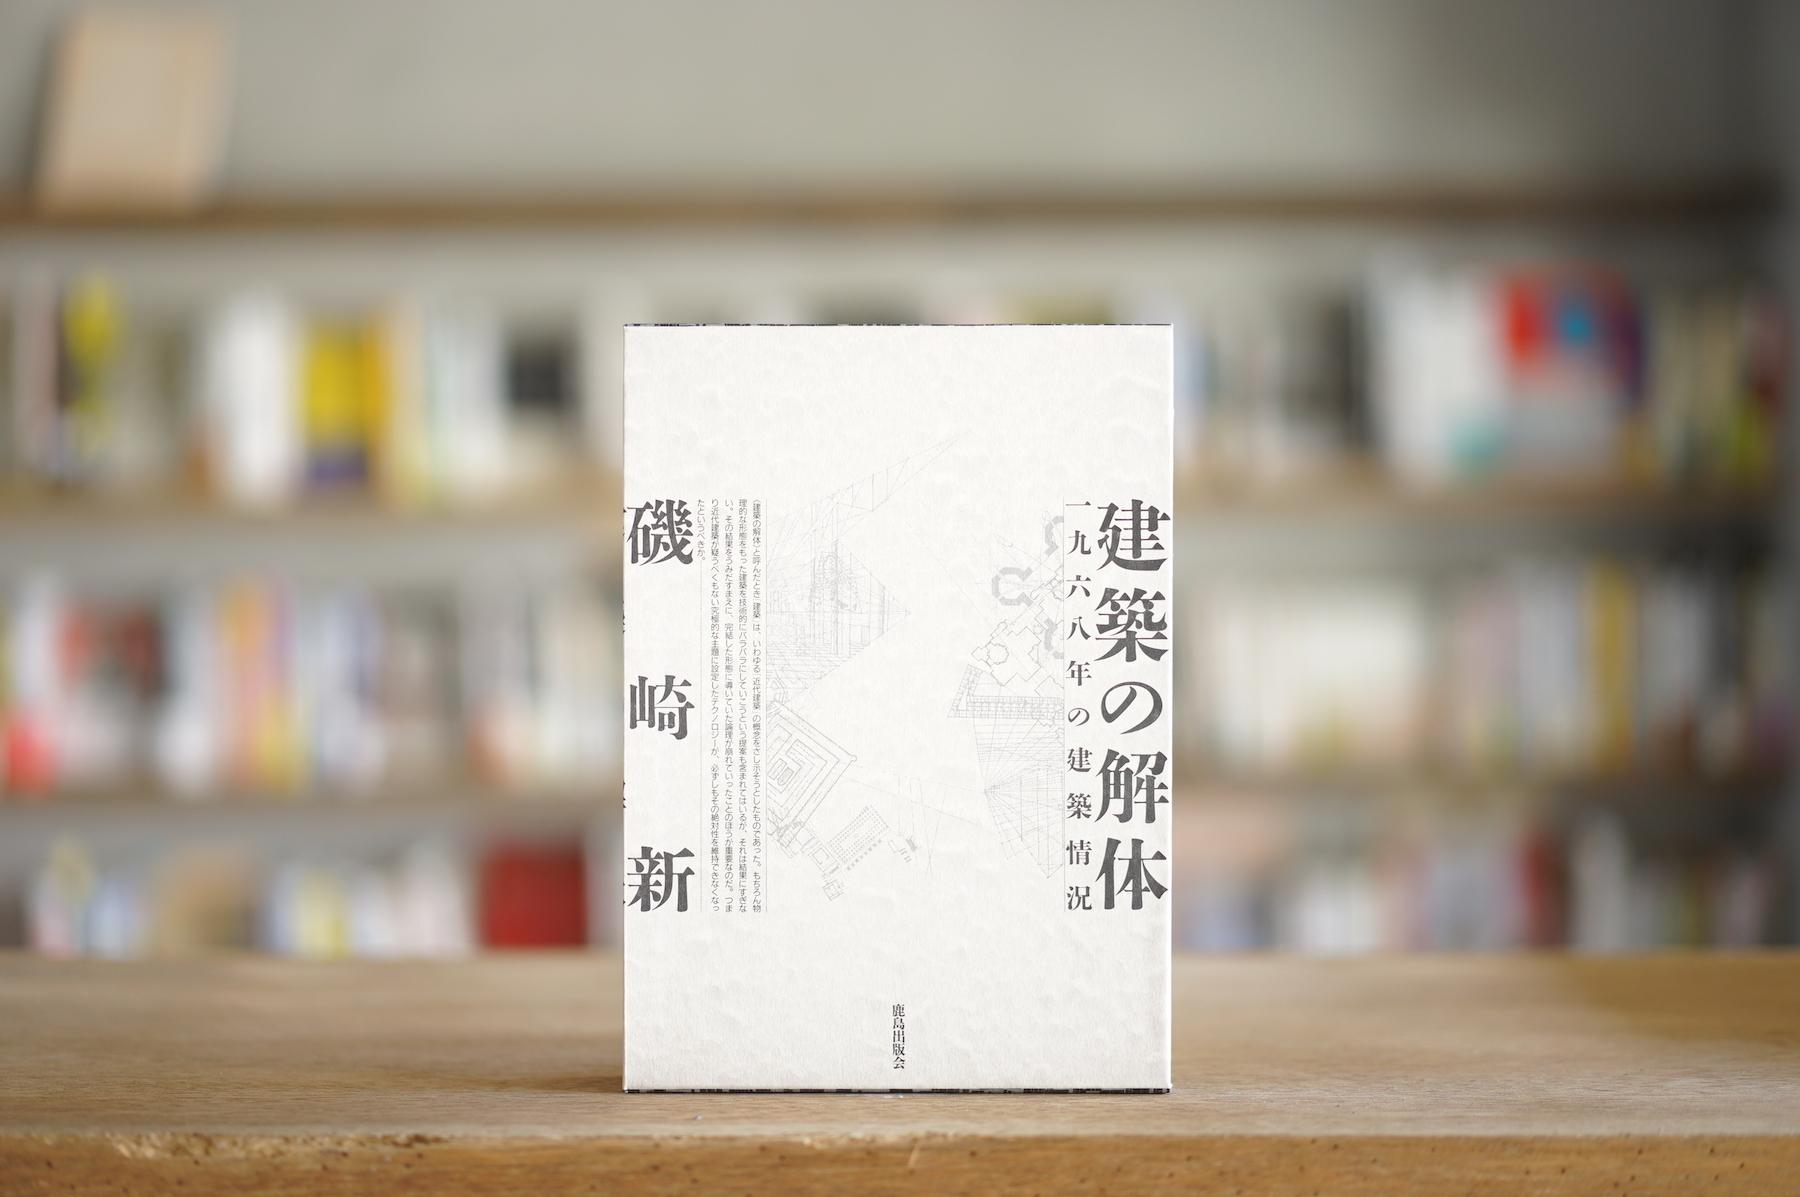 磯崎新 『建築の解体 一九六八年の建築情況』 (鹿島出版会、1997)